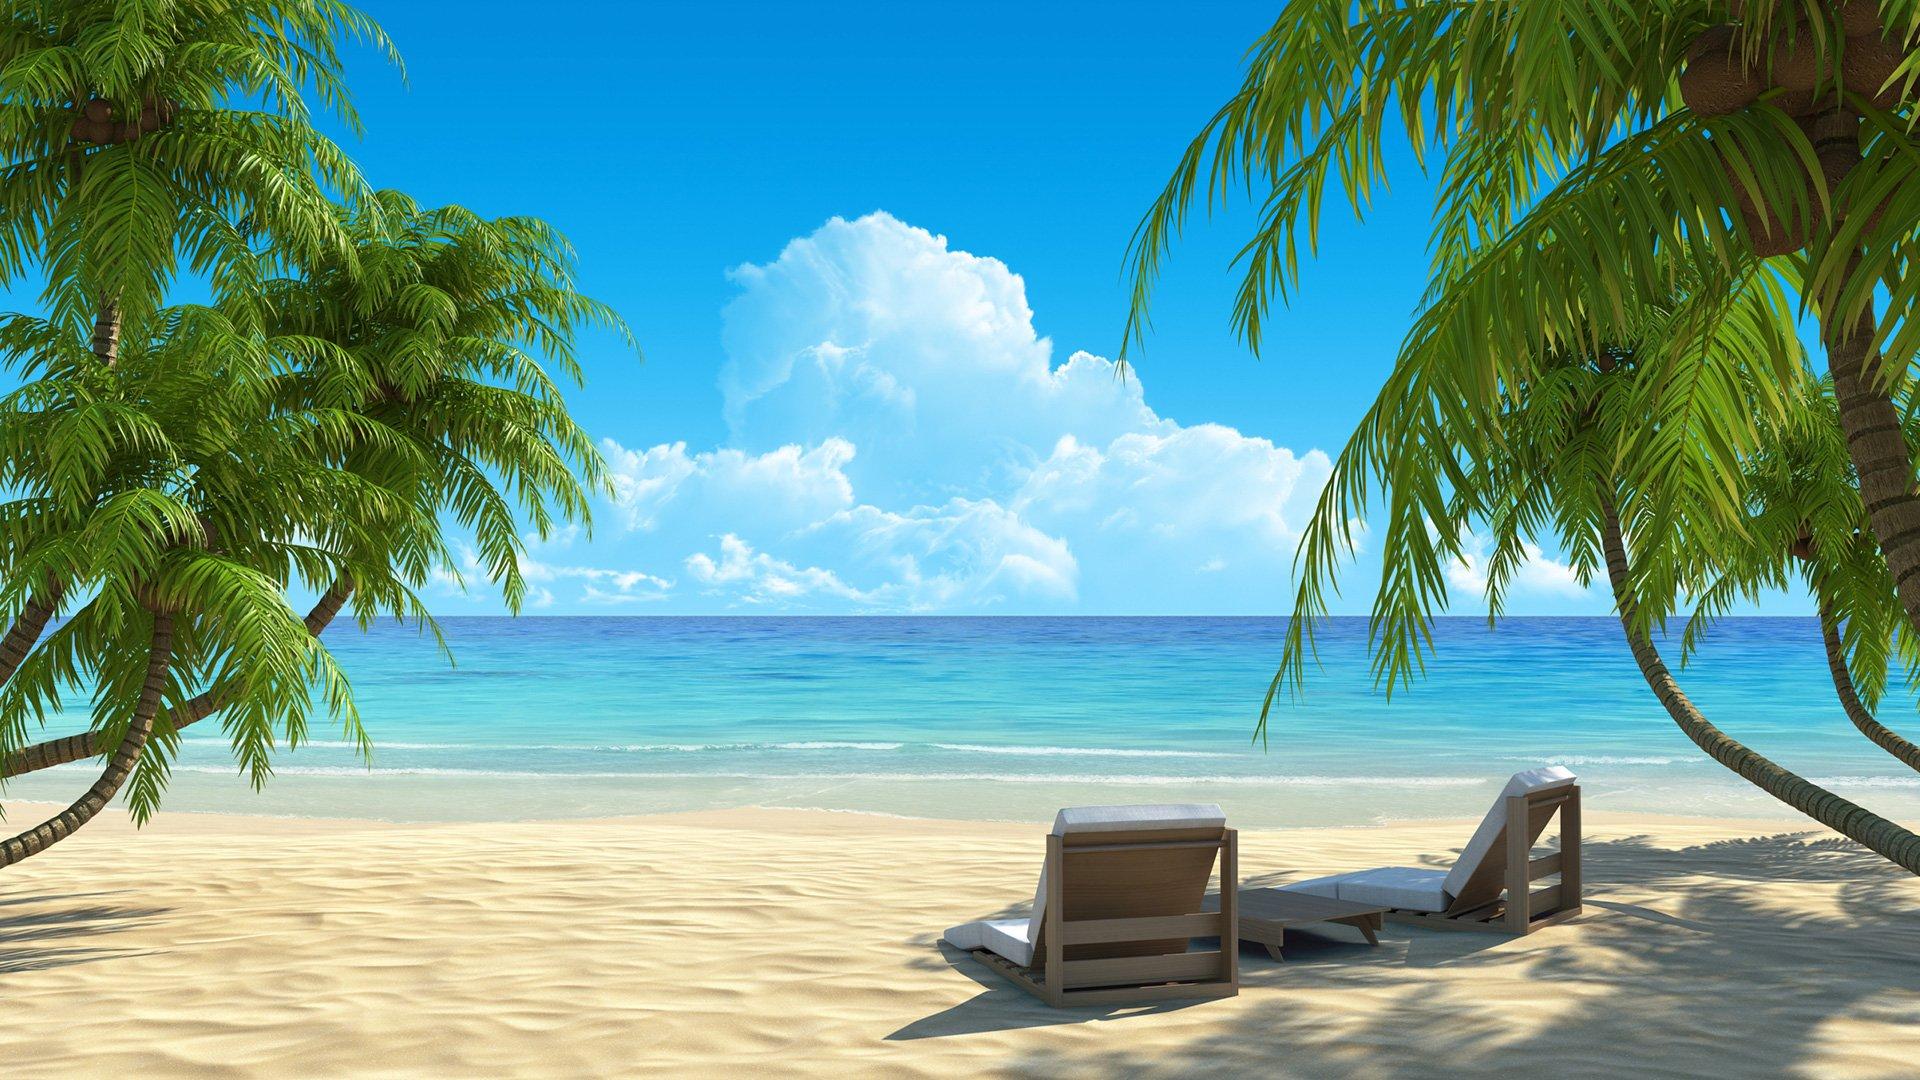 Paradise beach widescreen hd wallpaper   HD Wallpapers 1920x1080